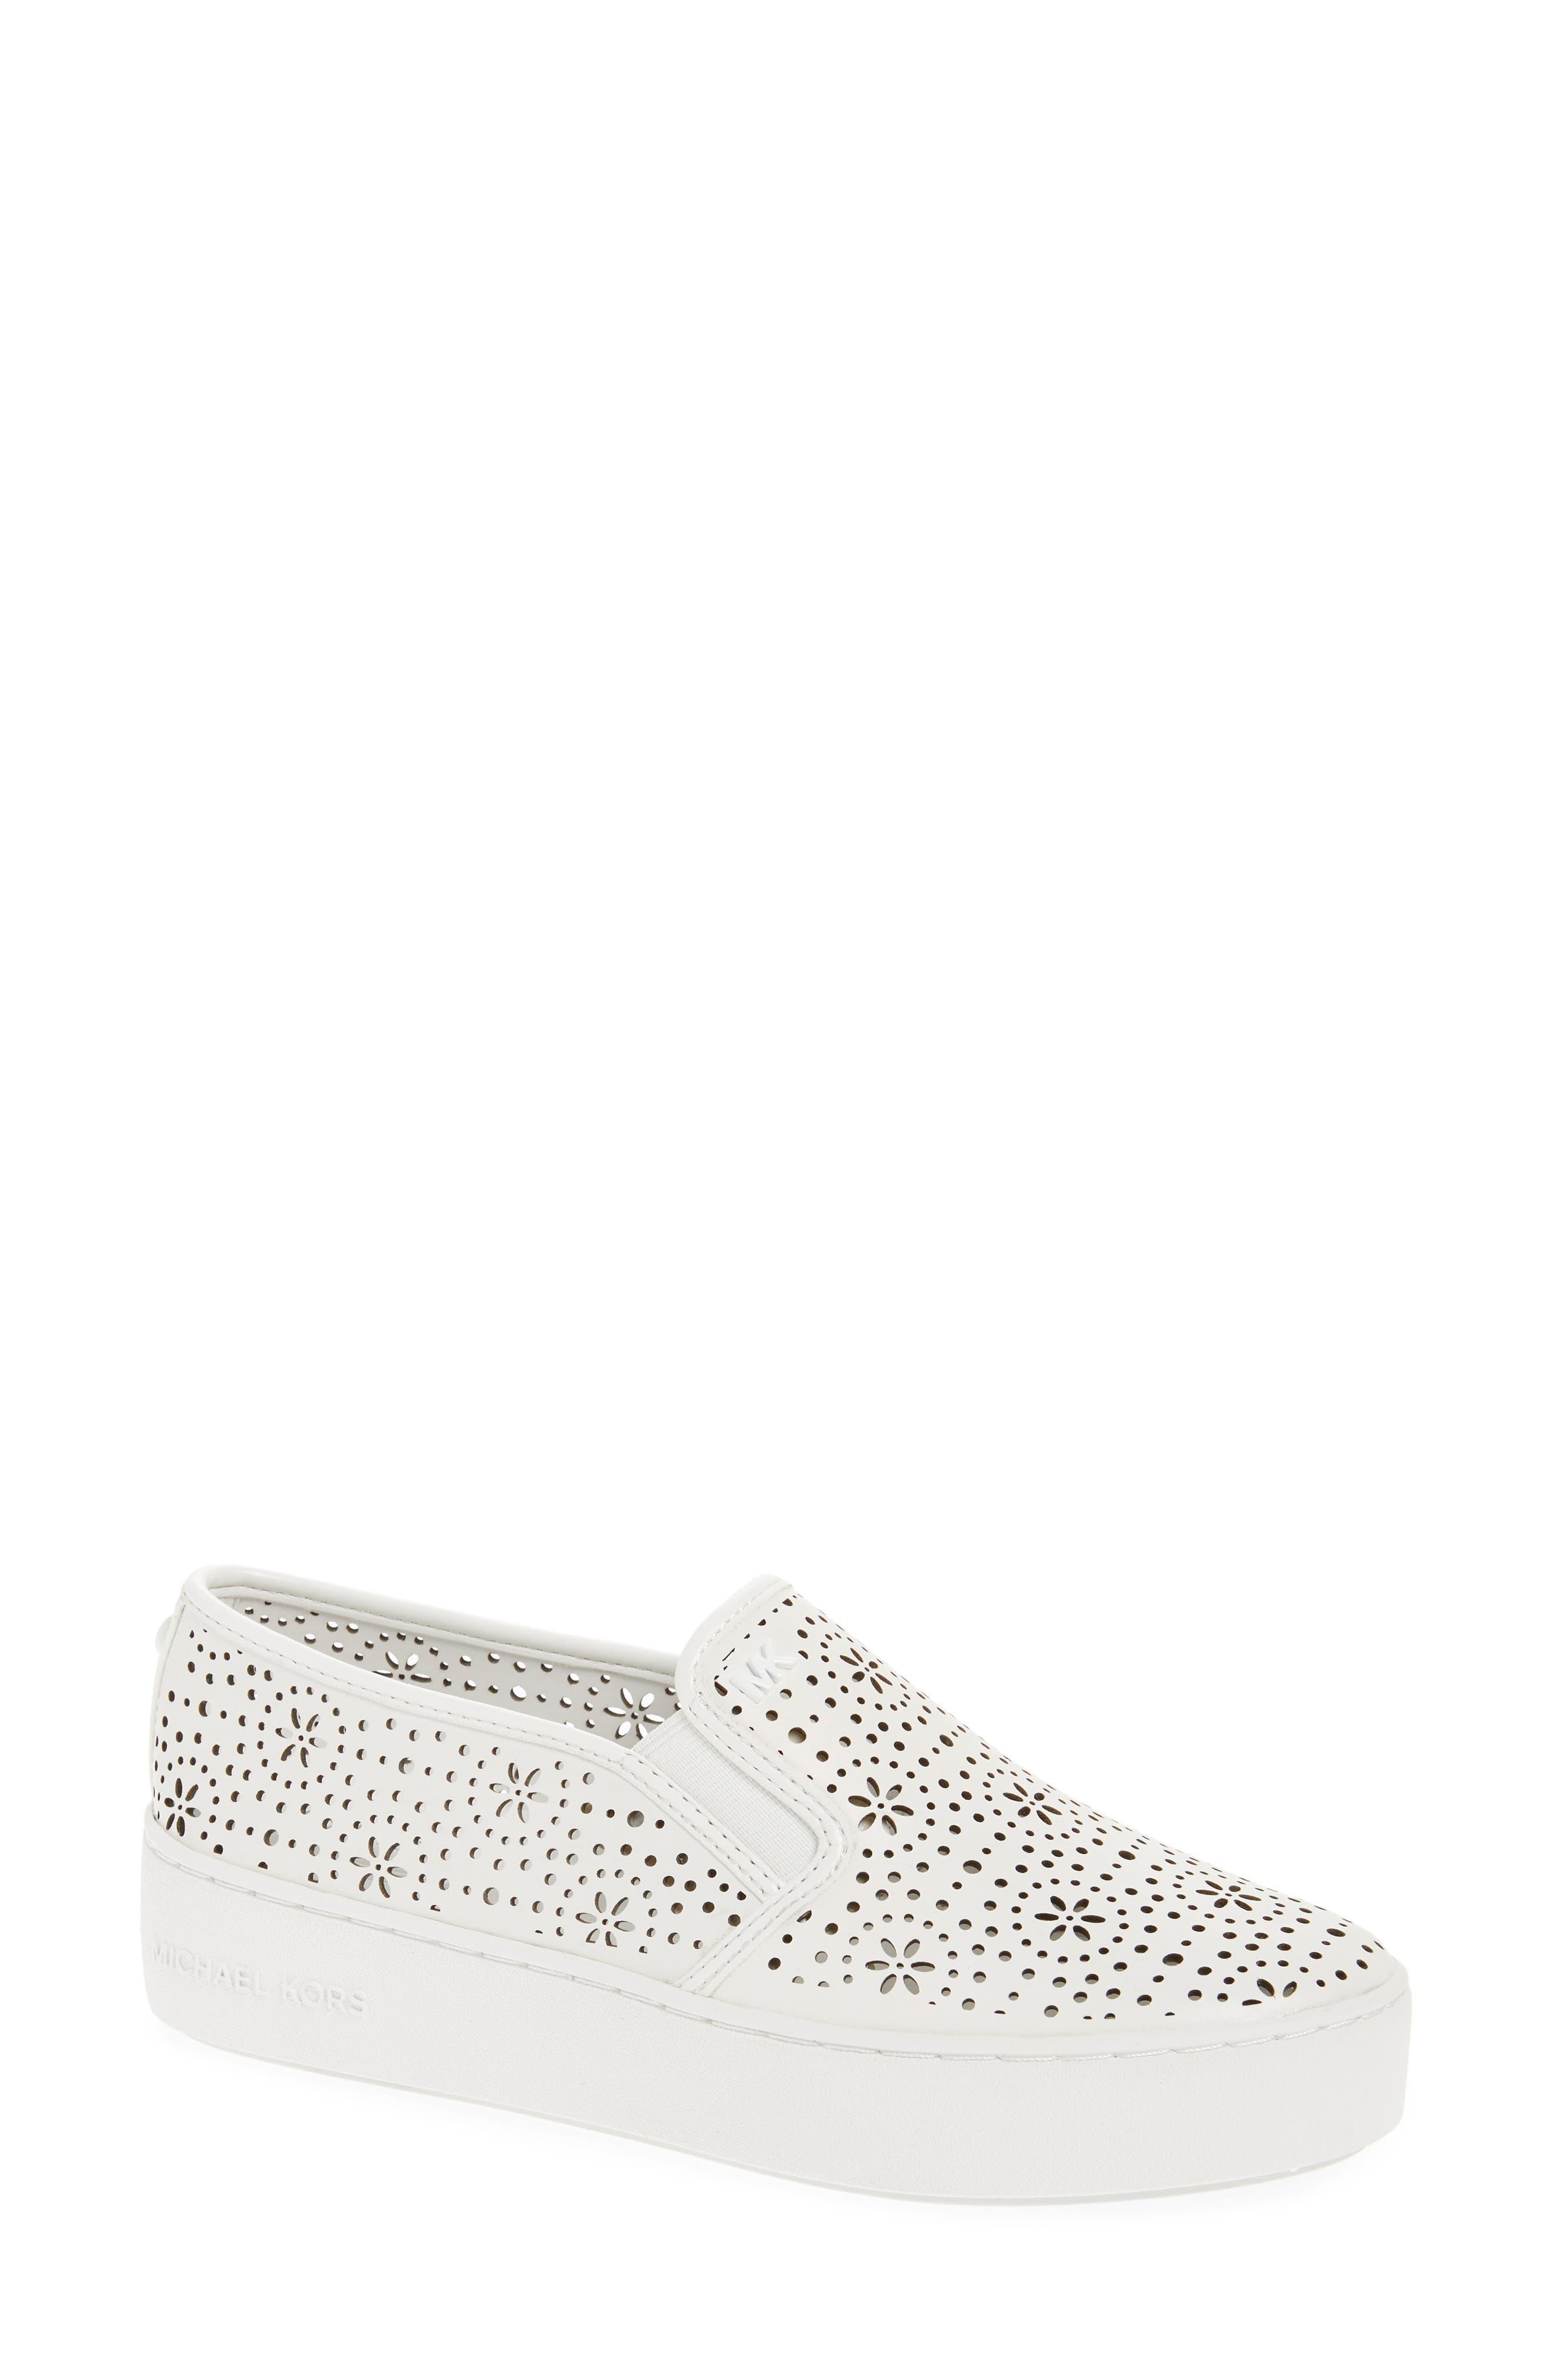 Main Image - MICHAEL Michael Kors Trent Slip-On Sneaker (Women)